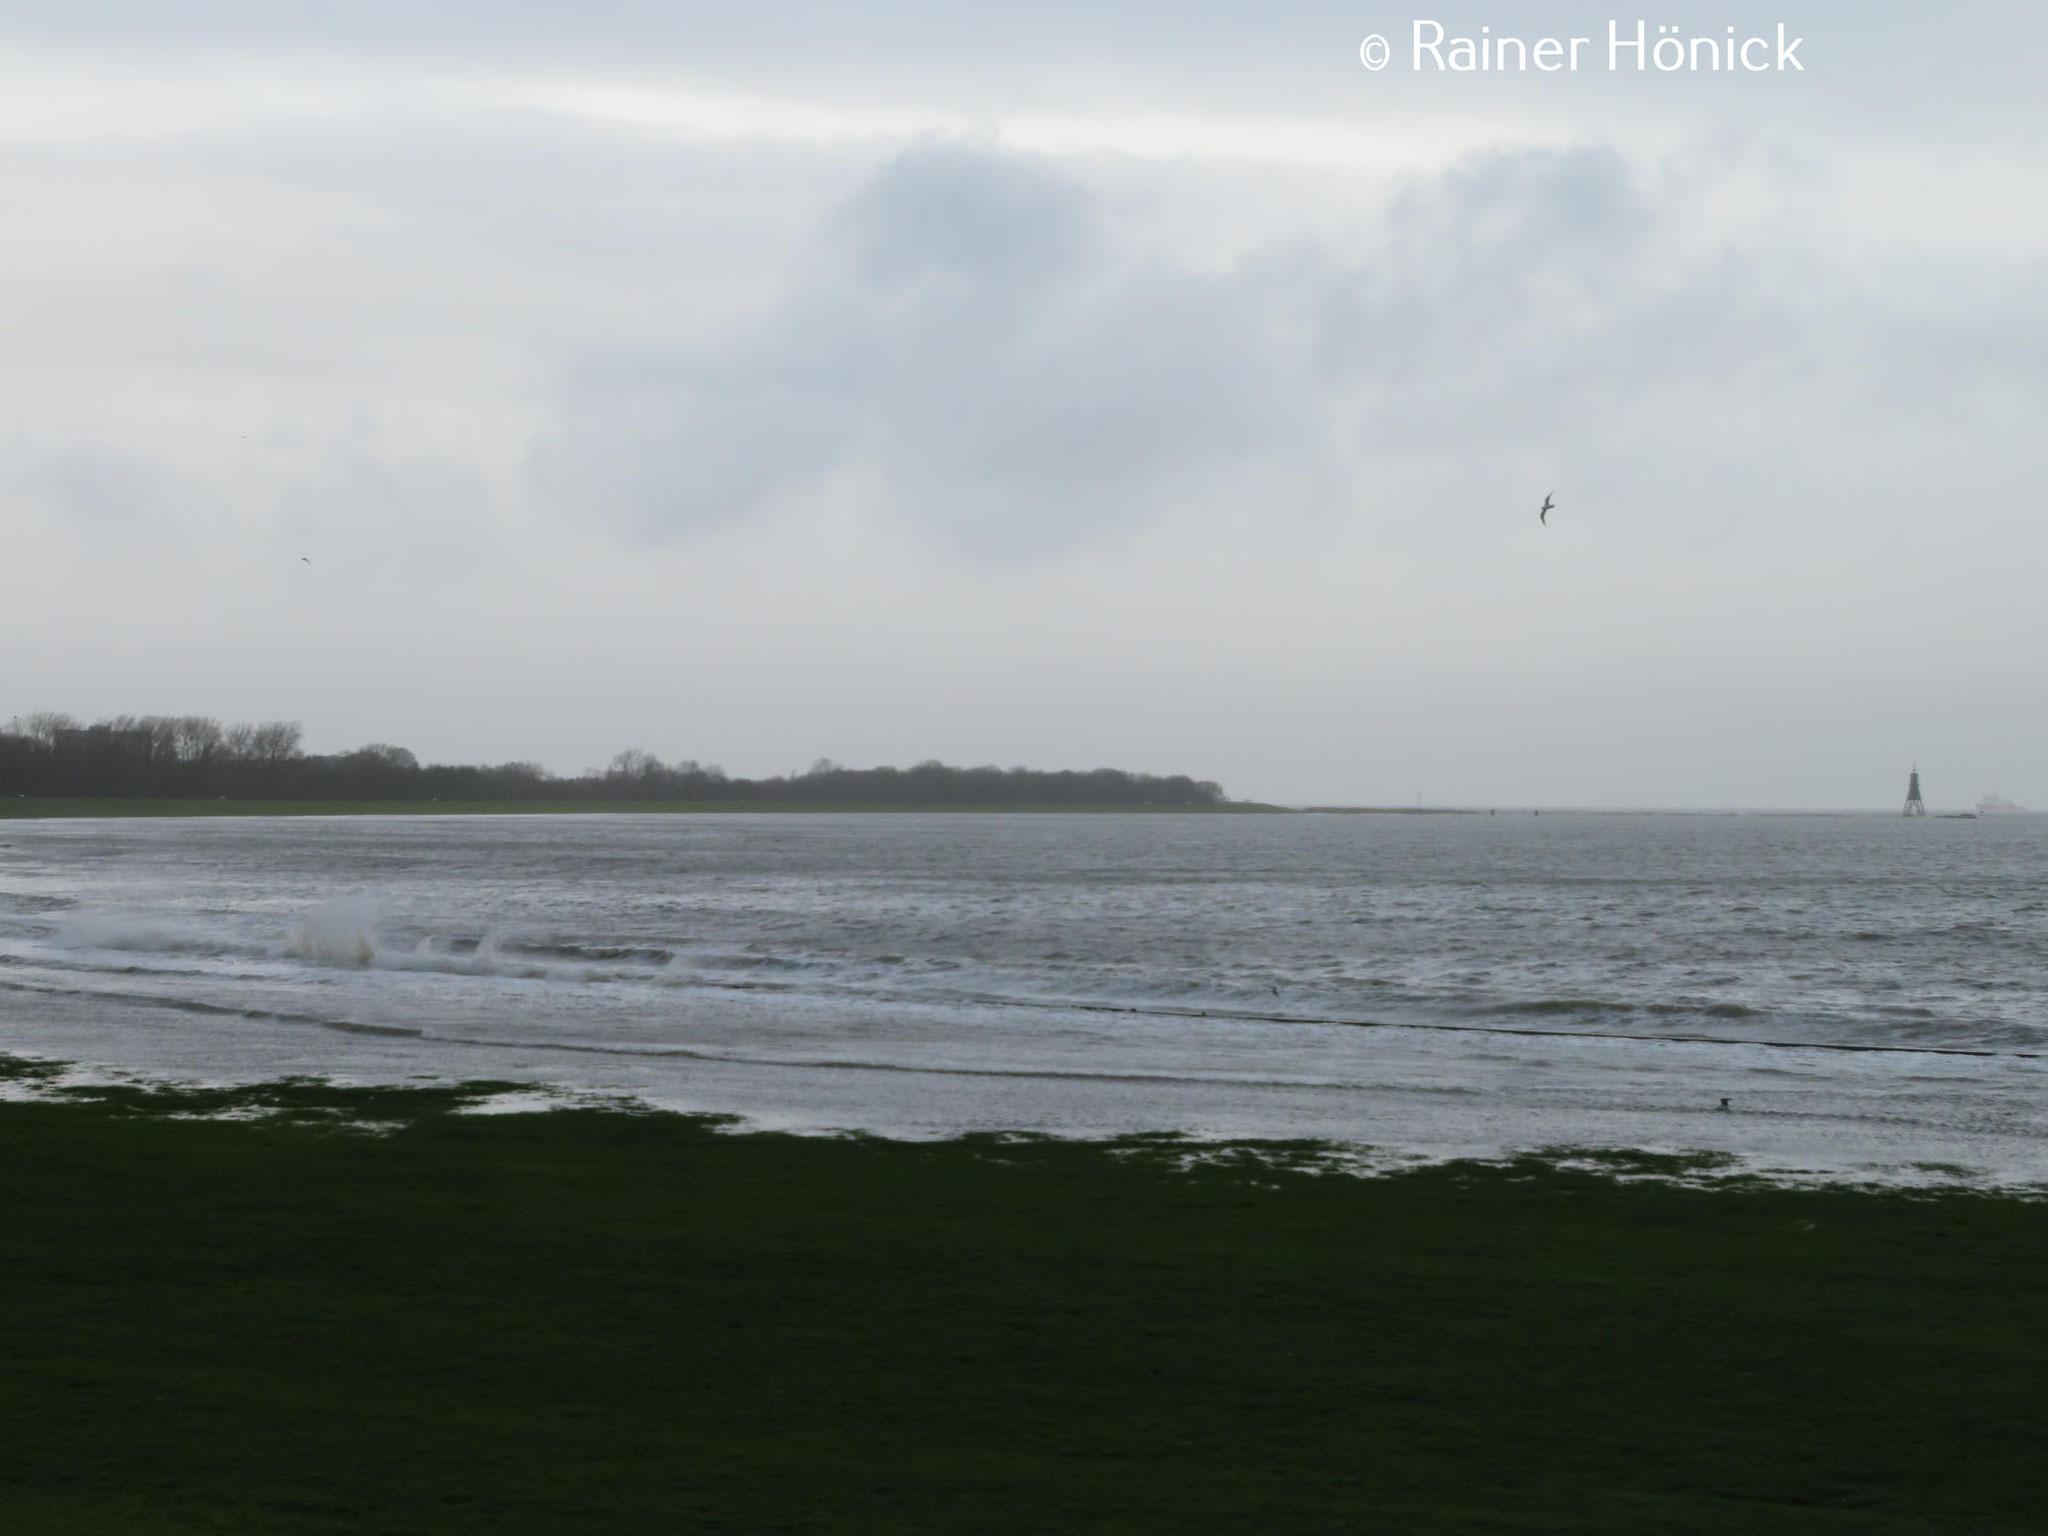 Das Wasser der Elbe überflutet die Promenade